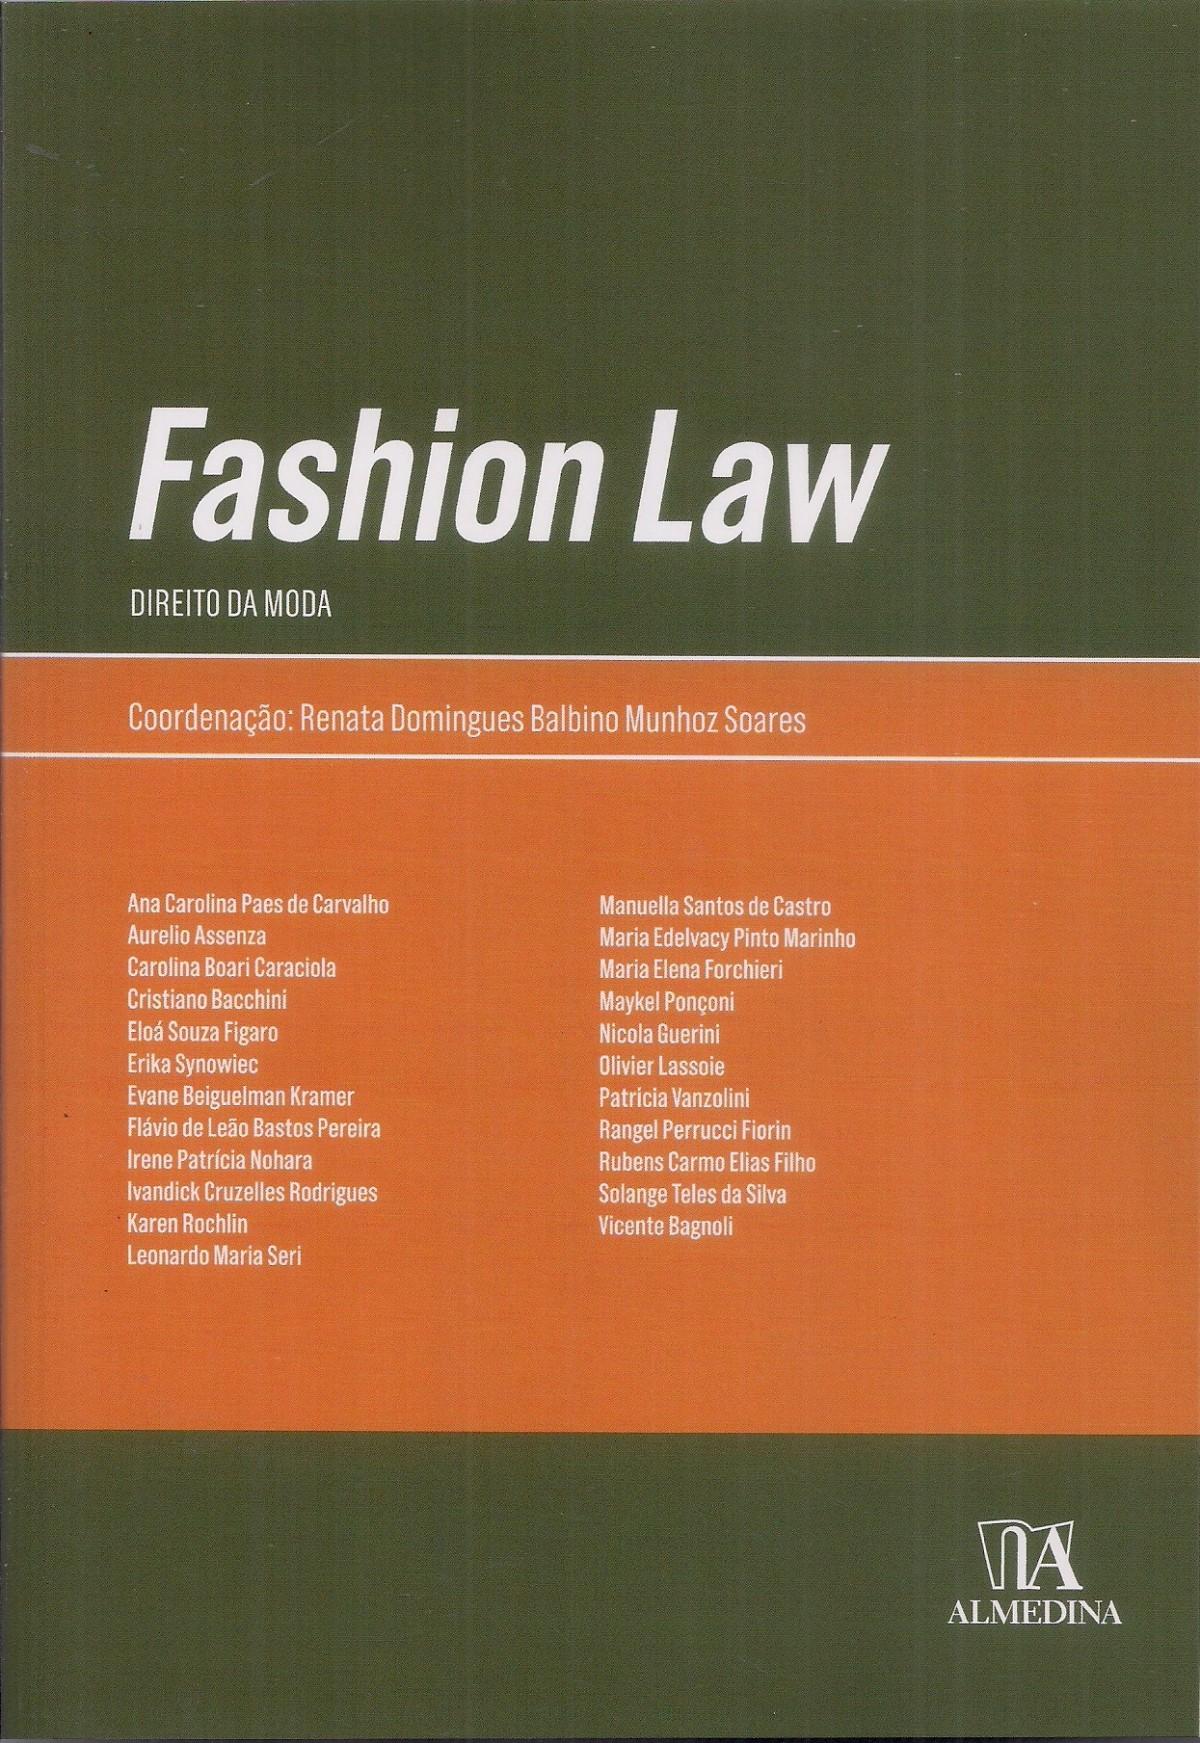 Foto 1 - Fashion Law